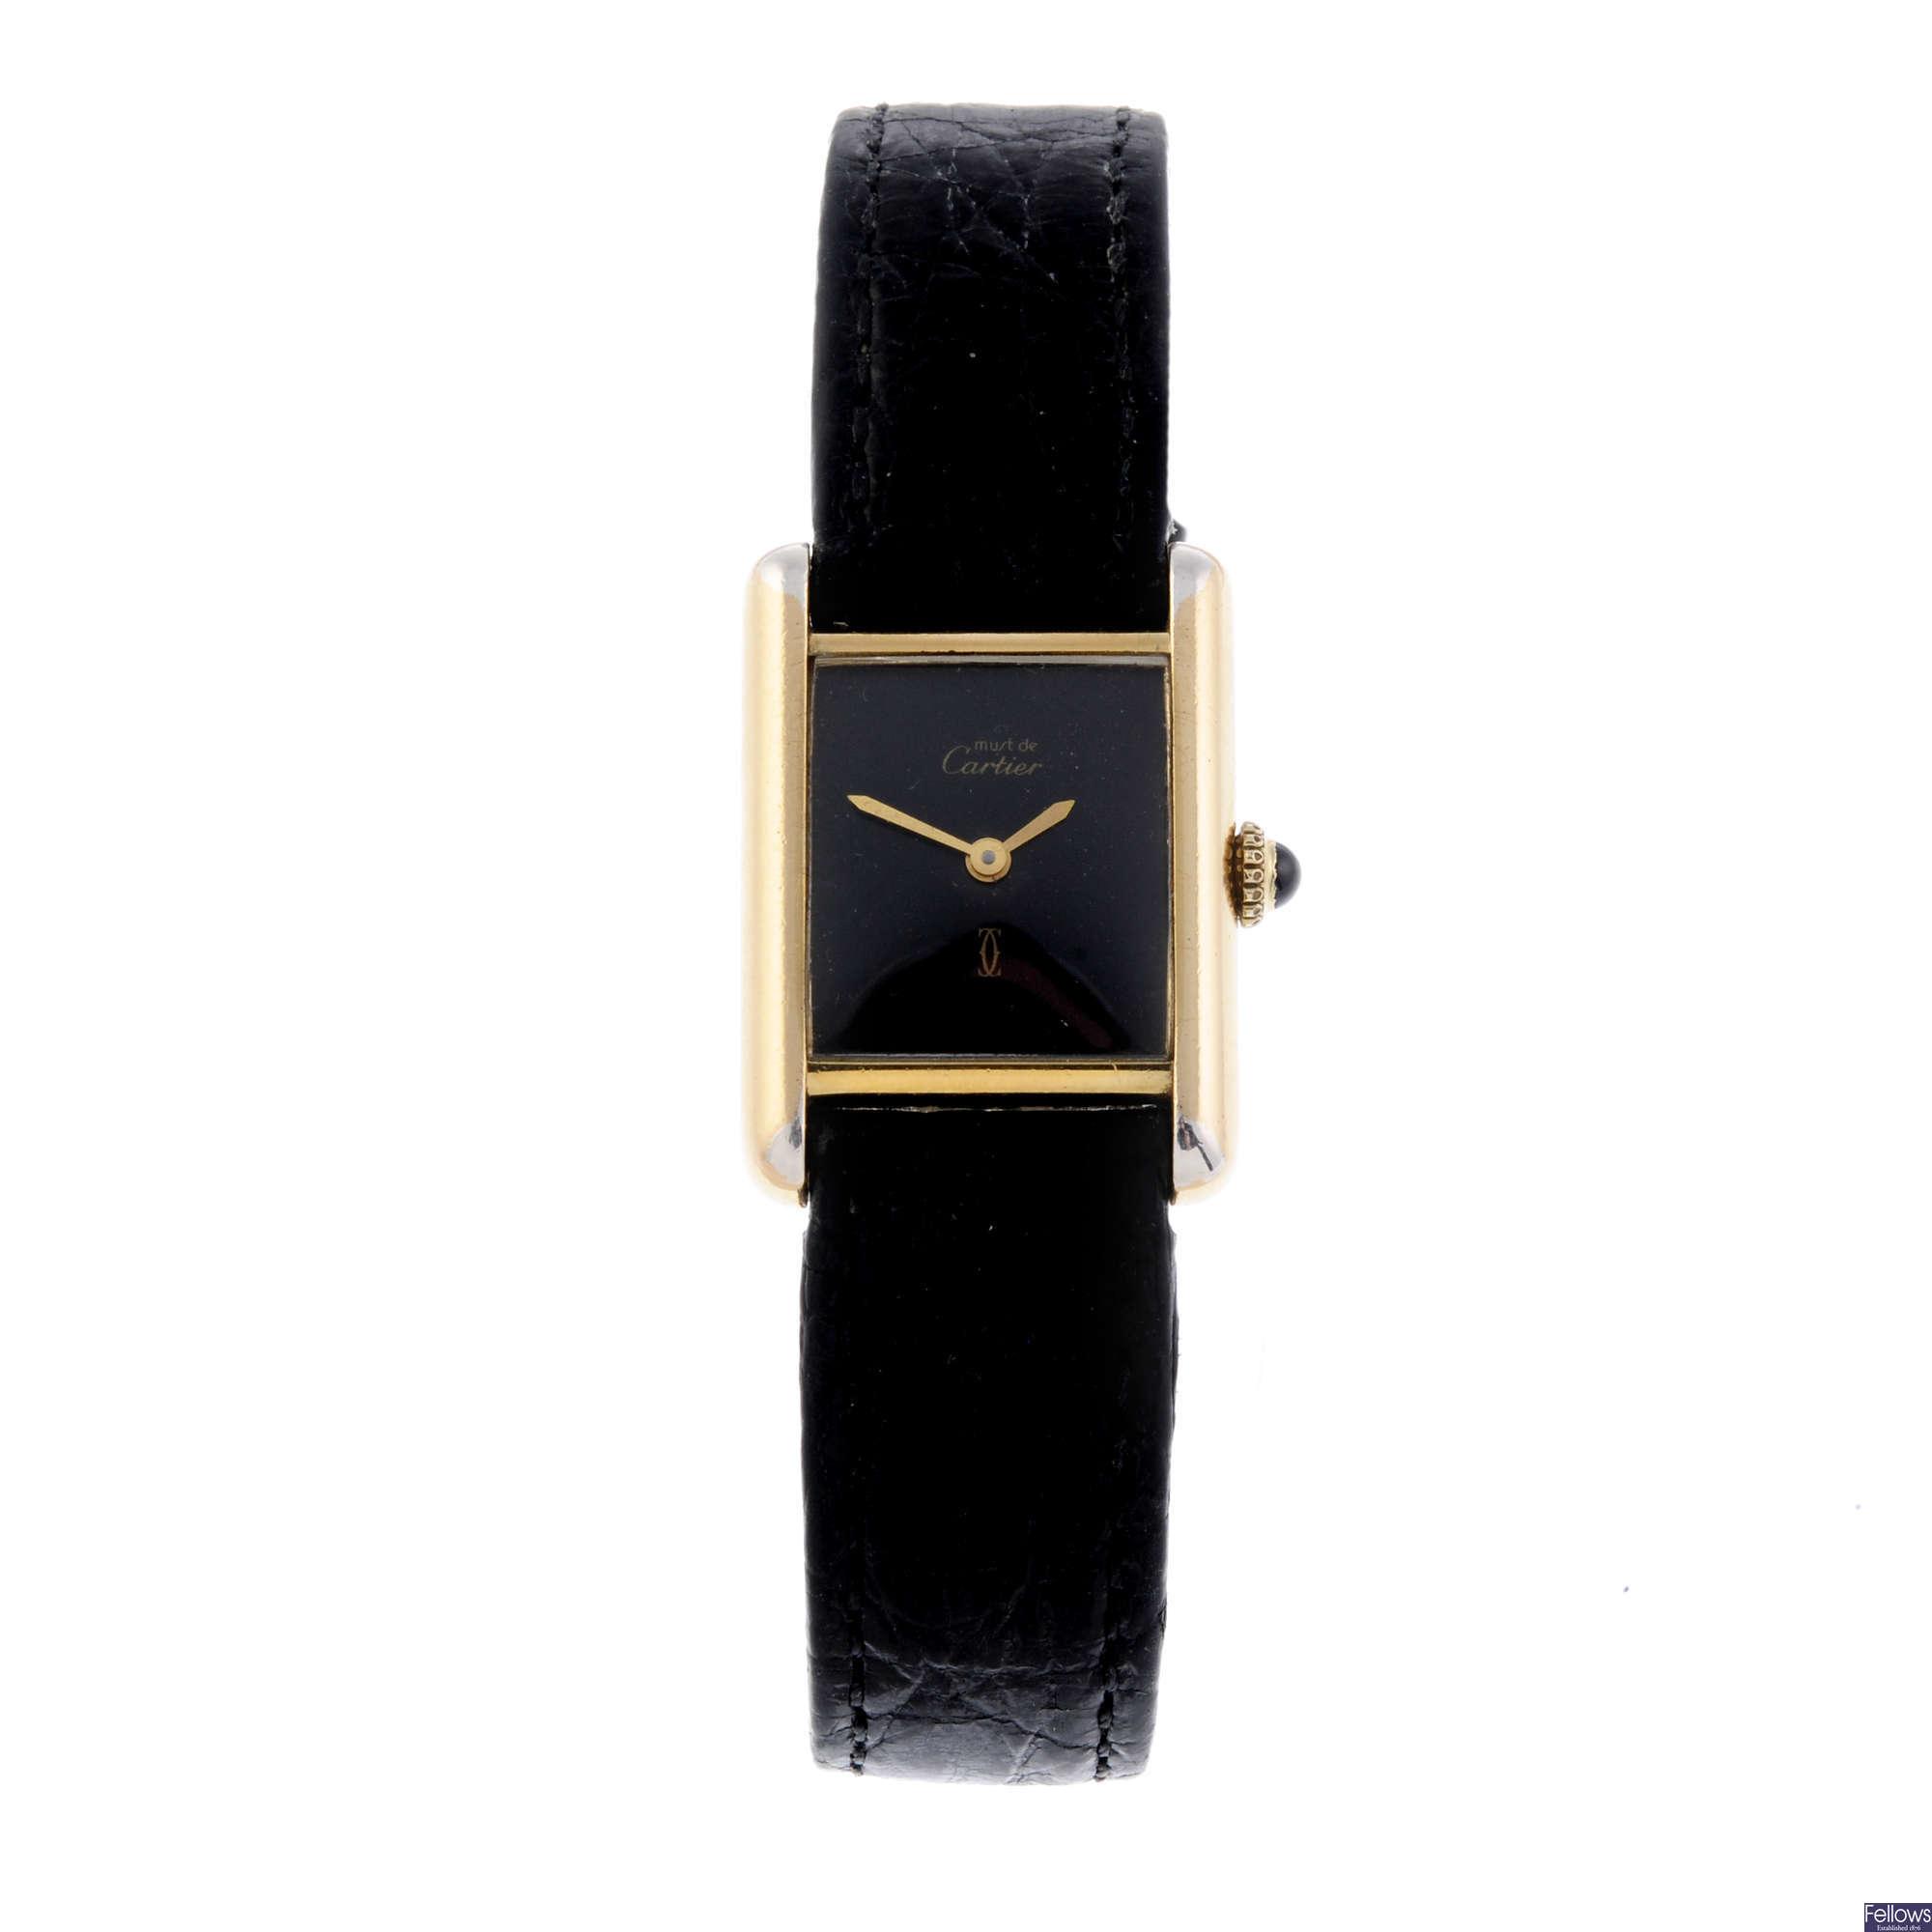 Gold plated silver Must de Cartier wrist watch